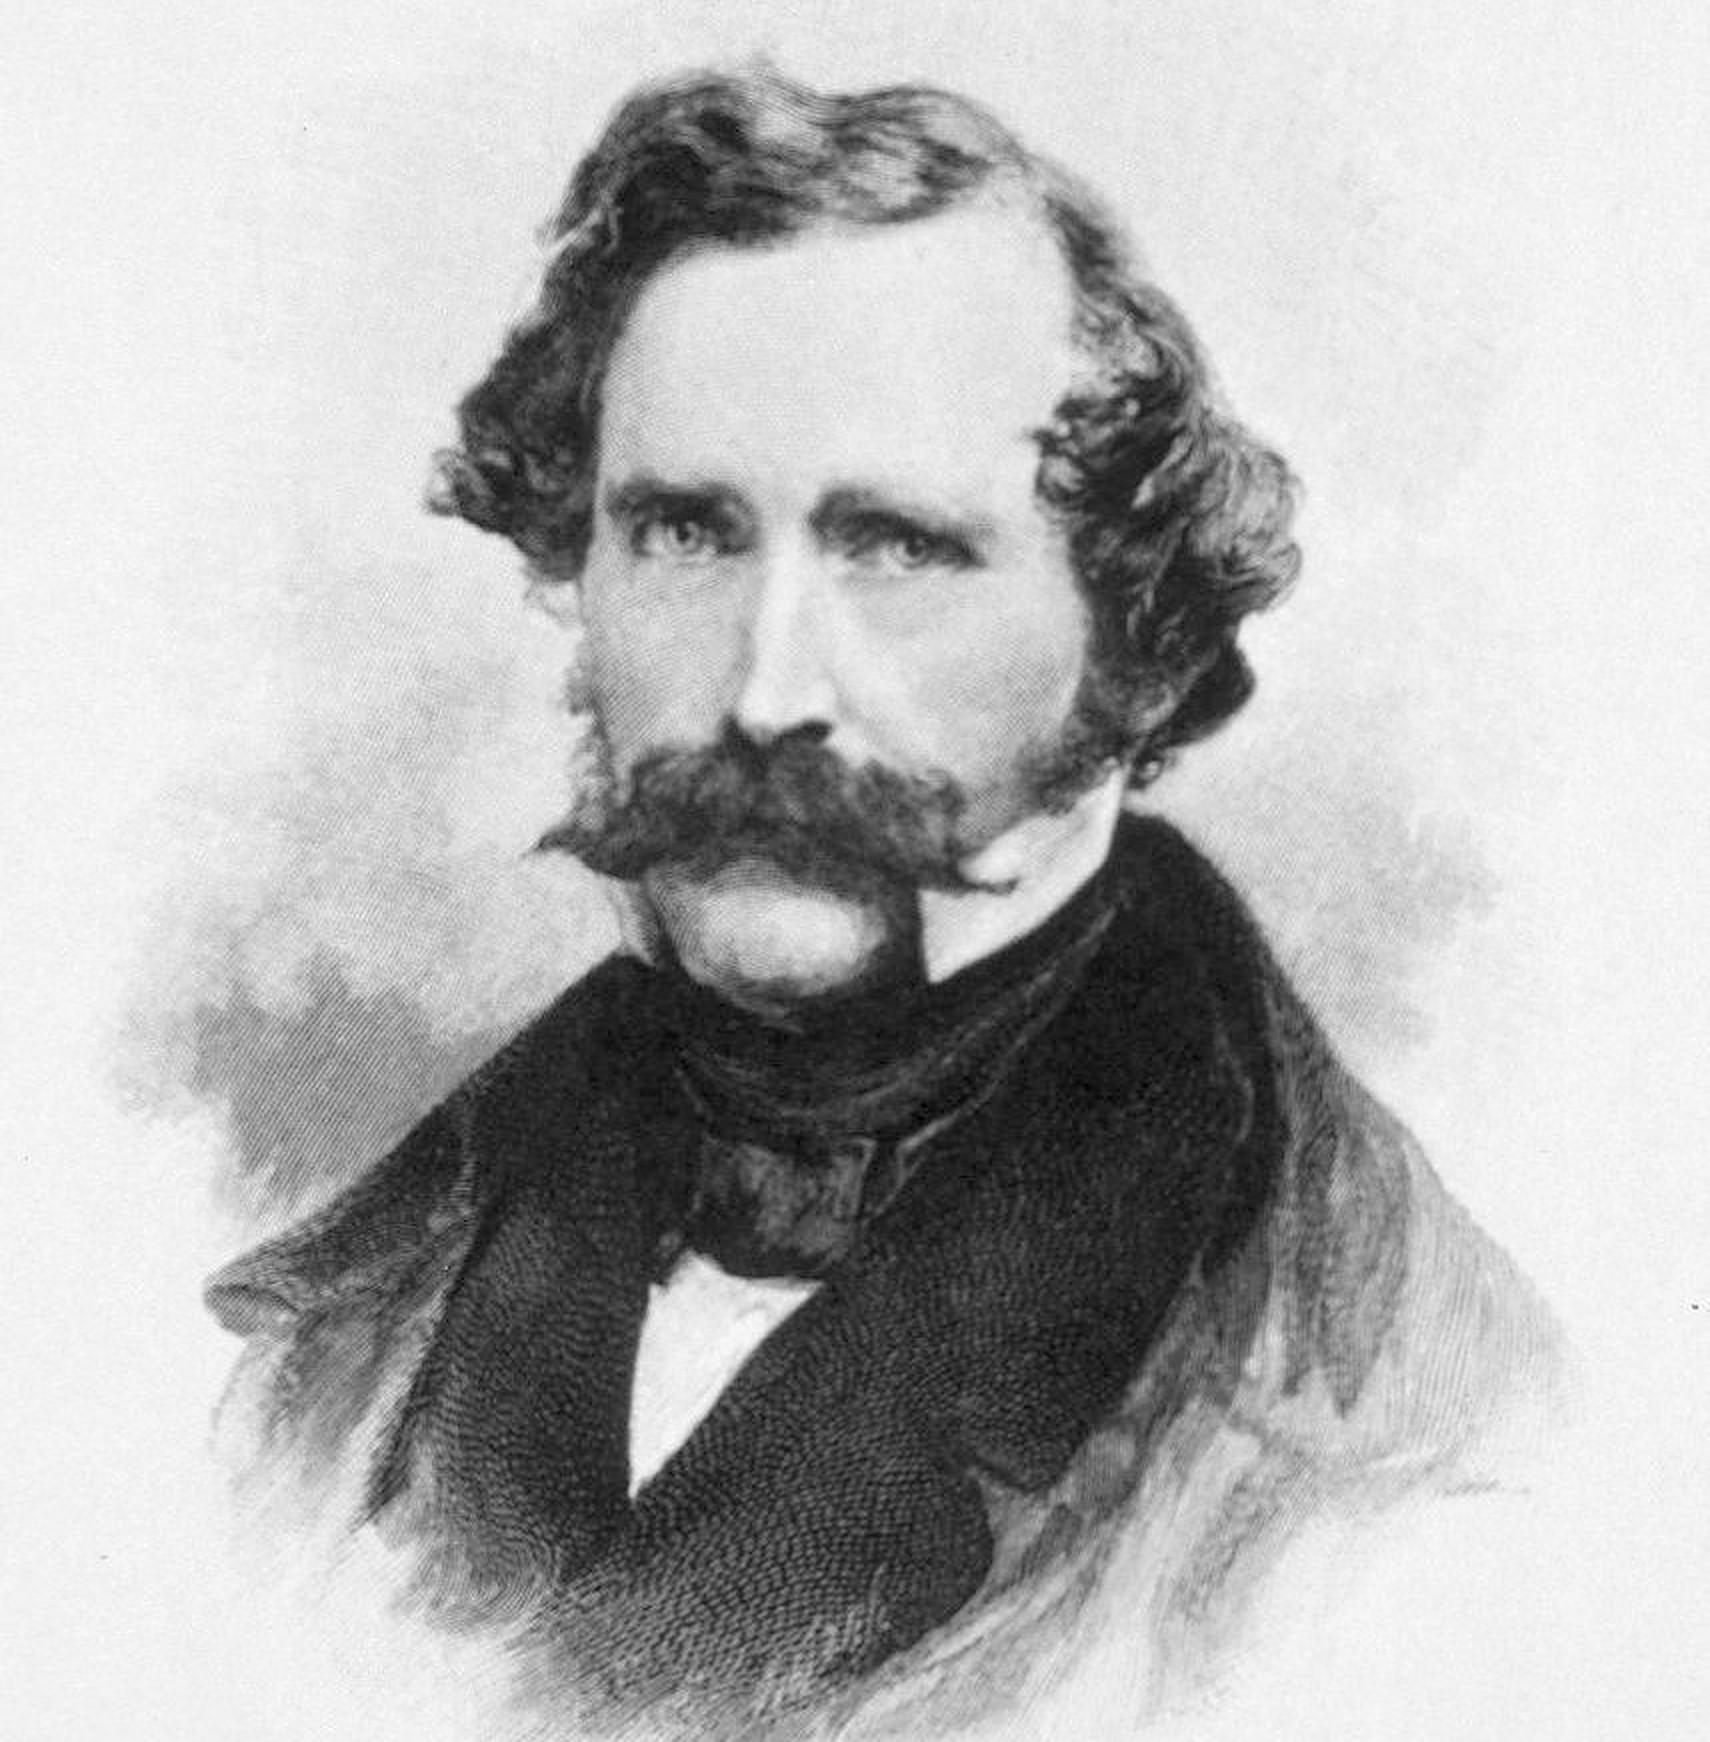 Prima extracție de dinți fără durere, sub narcotic, efectuată de William Thomas Green Morton. 30 septembrie 1846